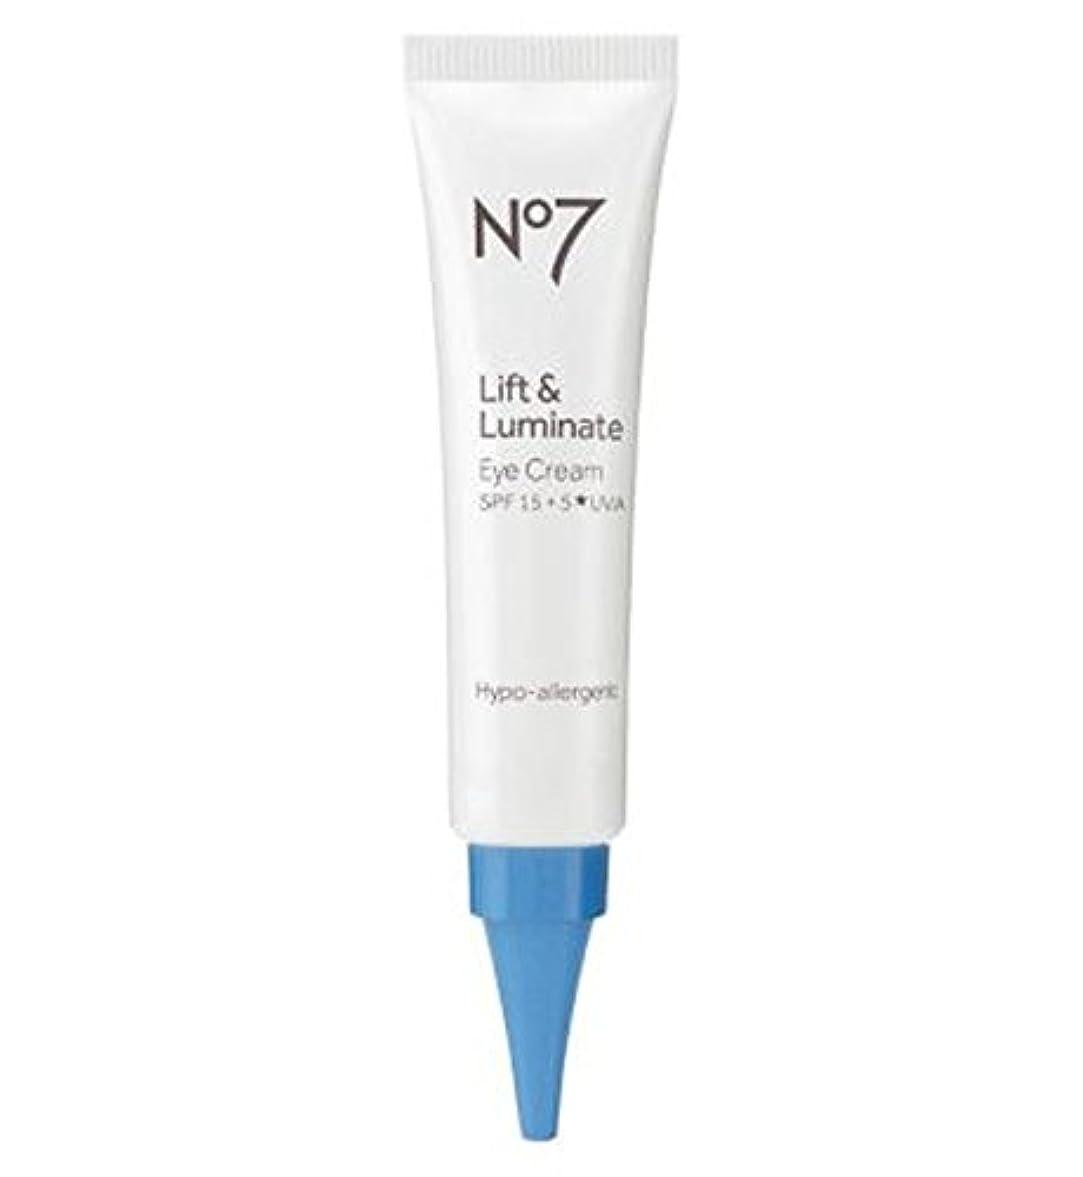 内向きカバレッジ補助No7リフト&Luminateアイクリーム (No7) (x2) - No7 Lift & Luminate Eye Cream (Pack of 2) [並行輸入品]